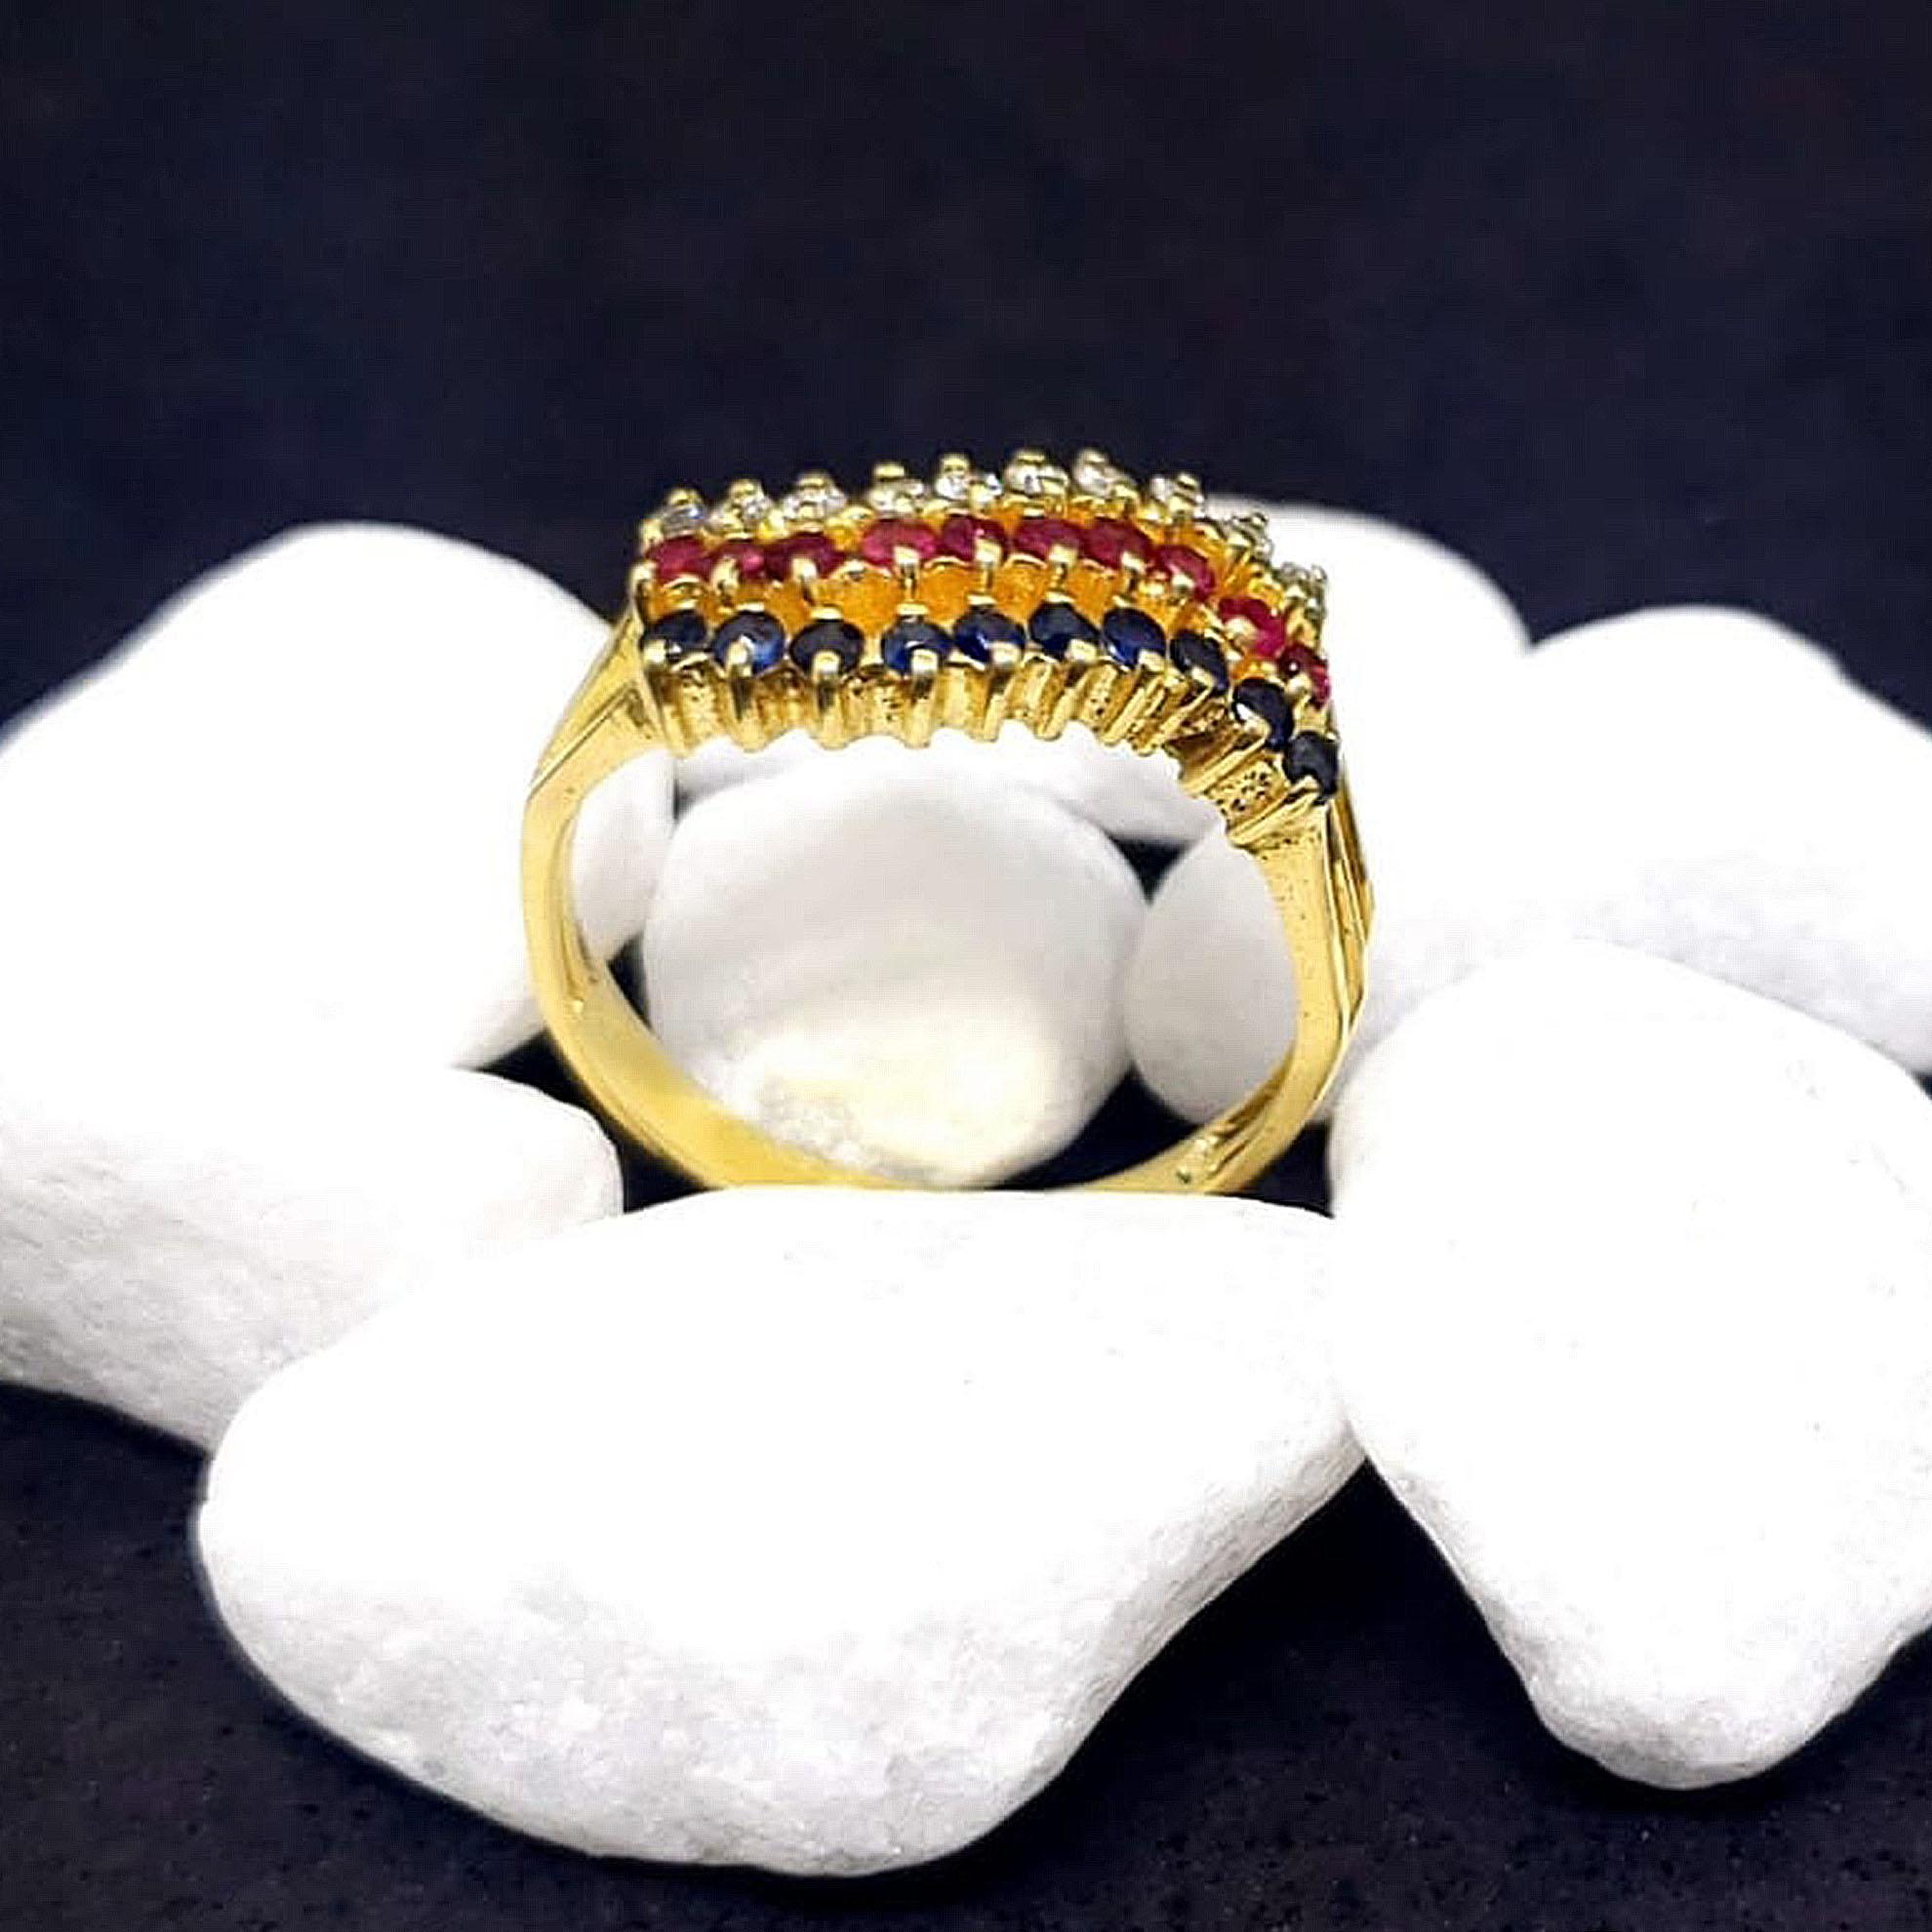 Anel c/ Diamantes, Rubis e Safiras em Ouro 18 Kilates